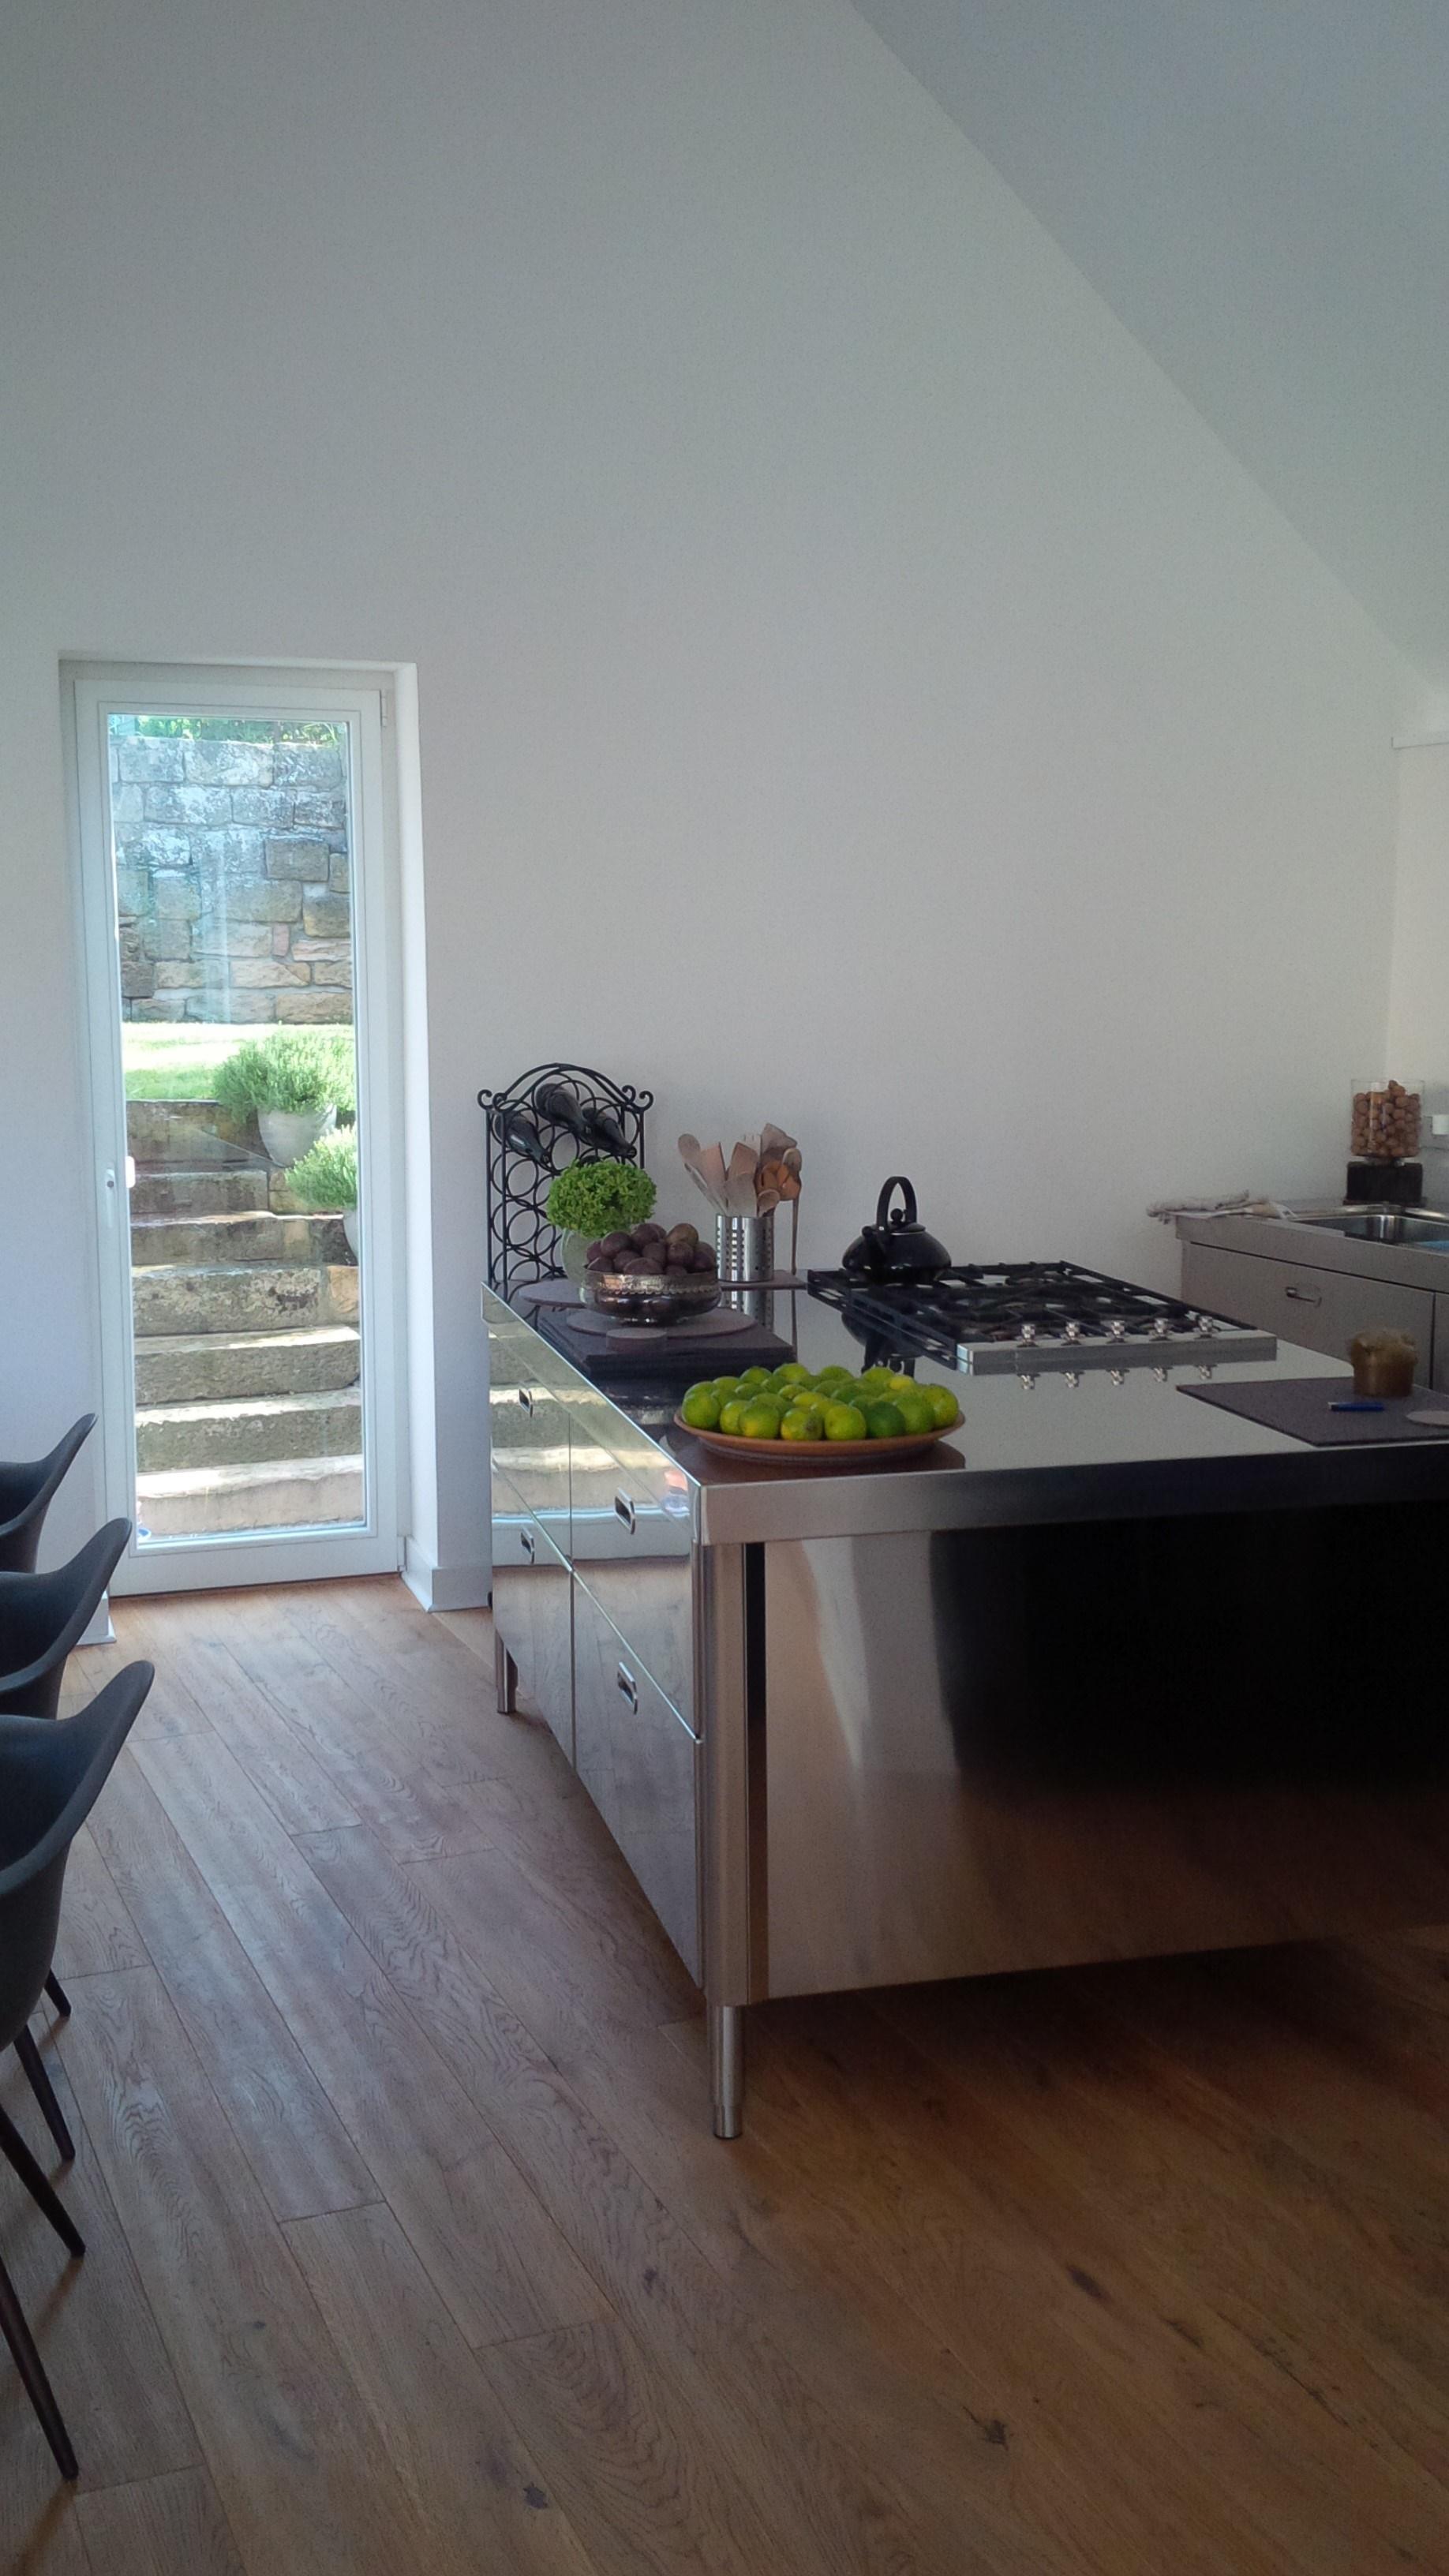 alpes inox edle k chen edelstahlm bel edelstahlk chen edelstahlkamine blog. Black Bedroom Furniture Sets. Home Design Ideas